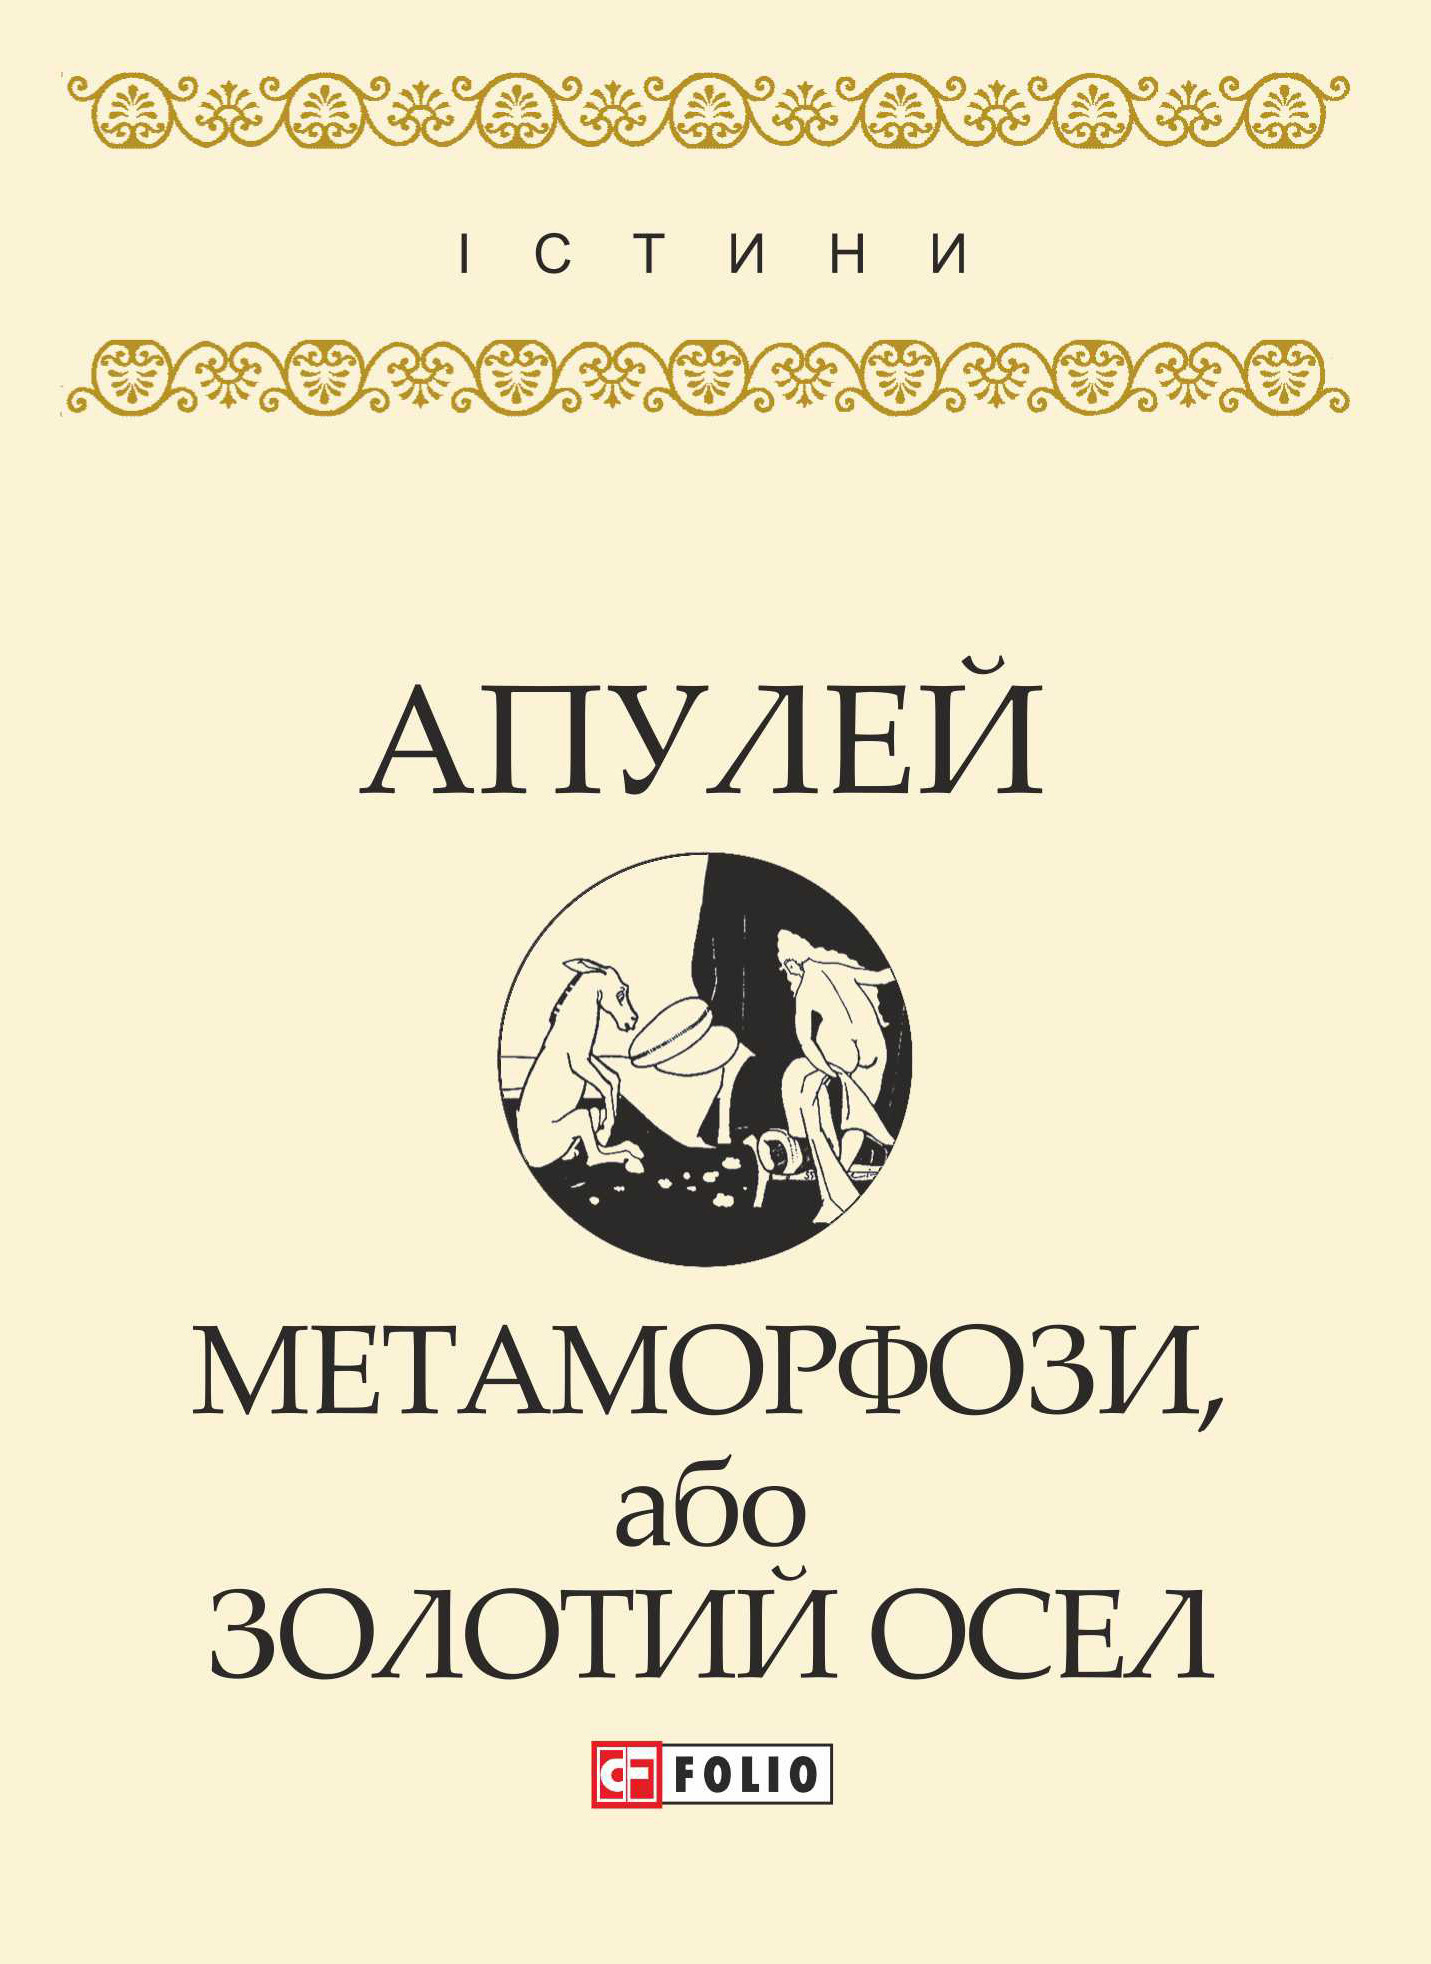 Метаморфози,